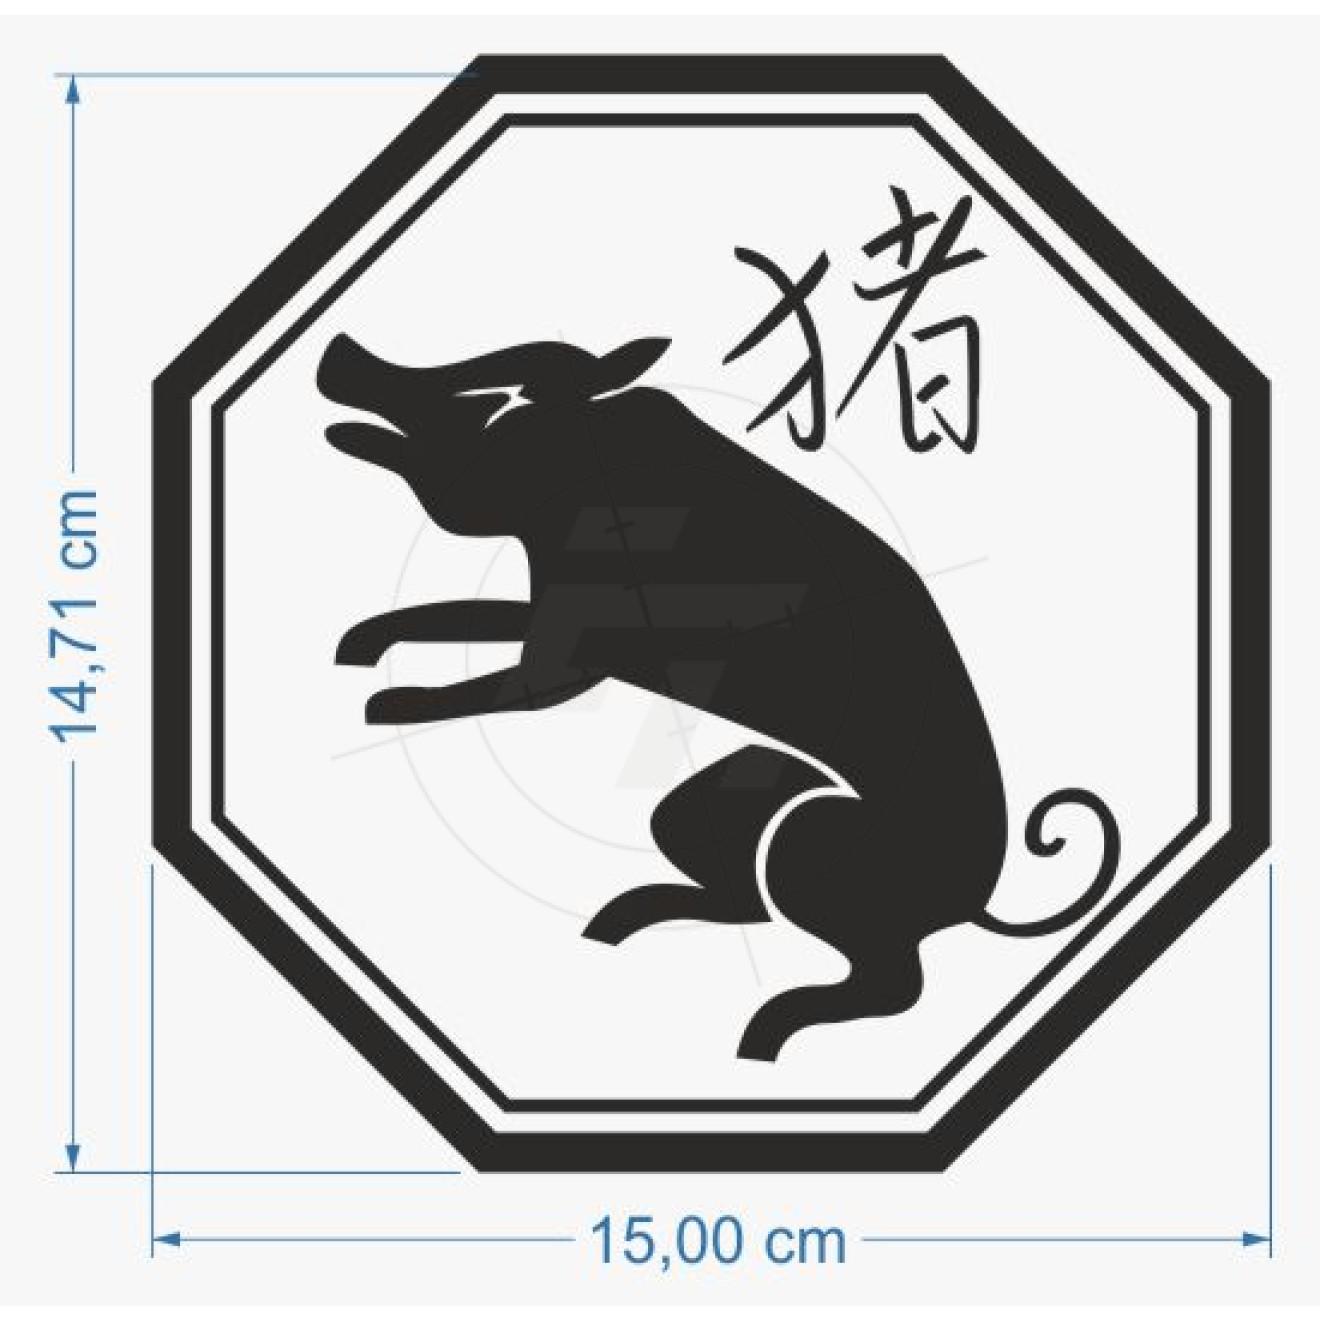 schwein chinesisches horoskop tierkreiszeichen mit tiersymbol. Black Bedroom Furniture Sets. Home Design Ideas